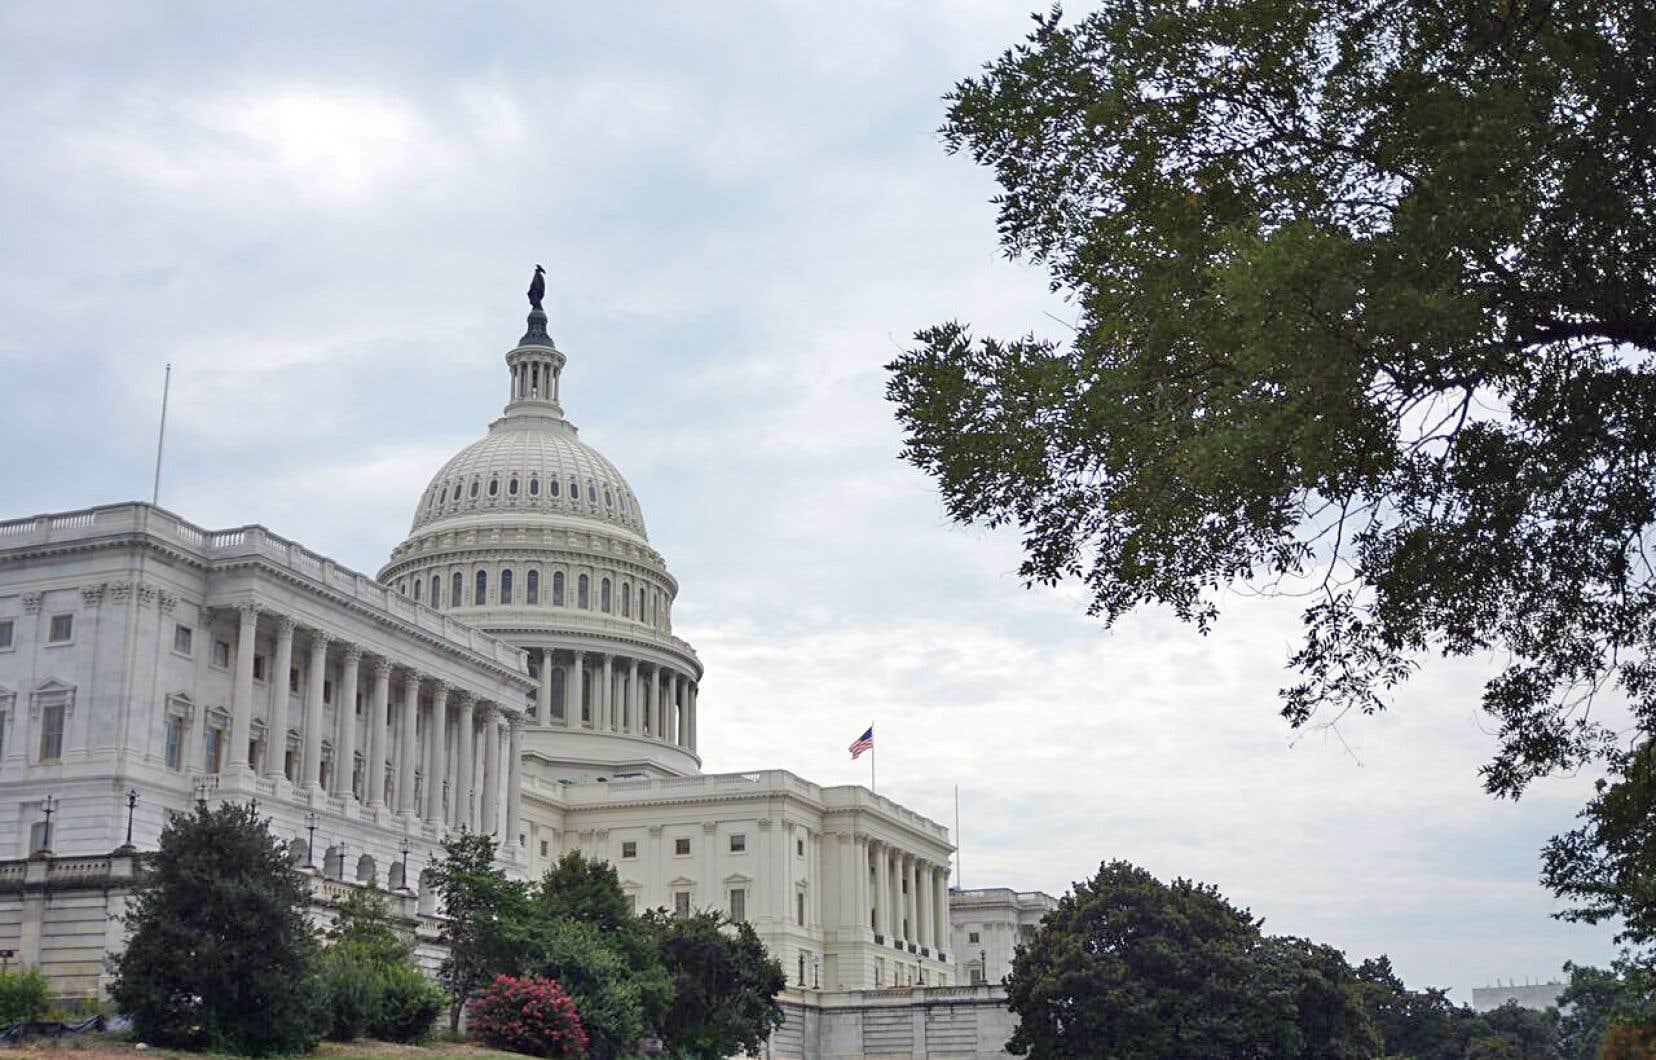 <p>L'accès à la Maison-Blanche est interdit aux touristes étrangers, mais il est très facile (et gratuit) d'explorer une partie du Capitole, où sont situés le Sénat et la Chambre des représentants.</p>